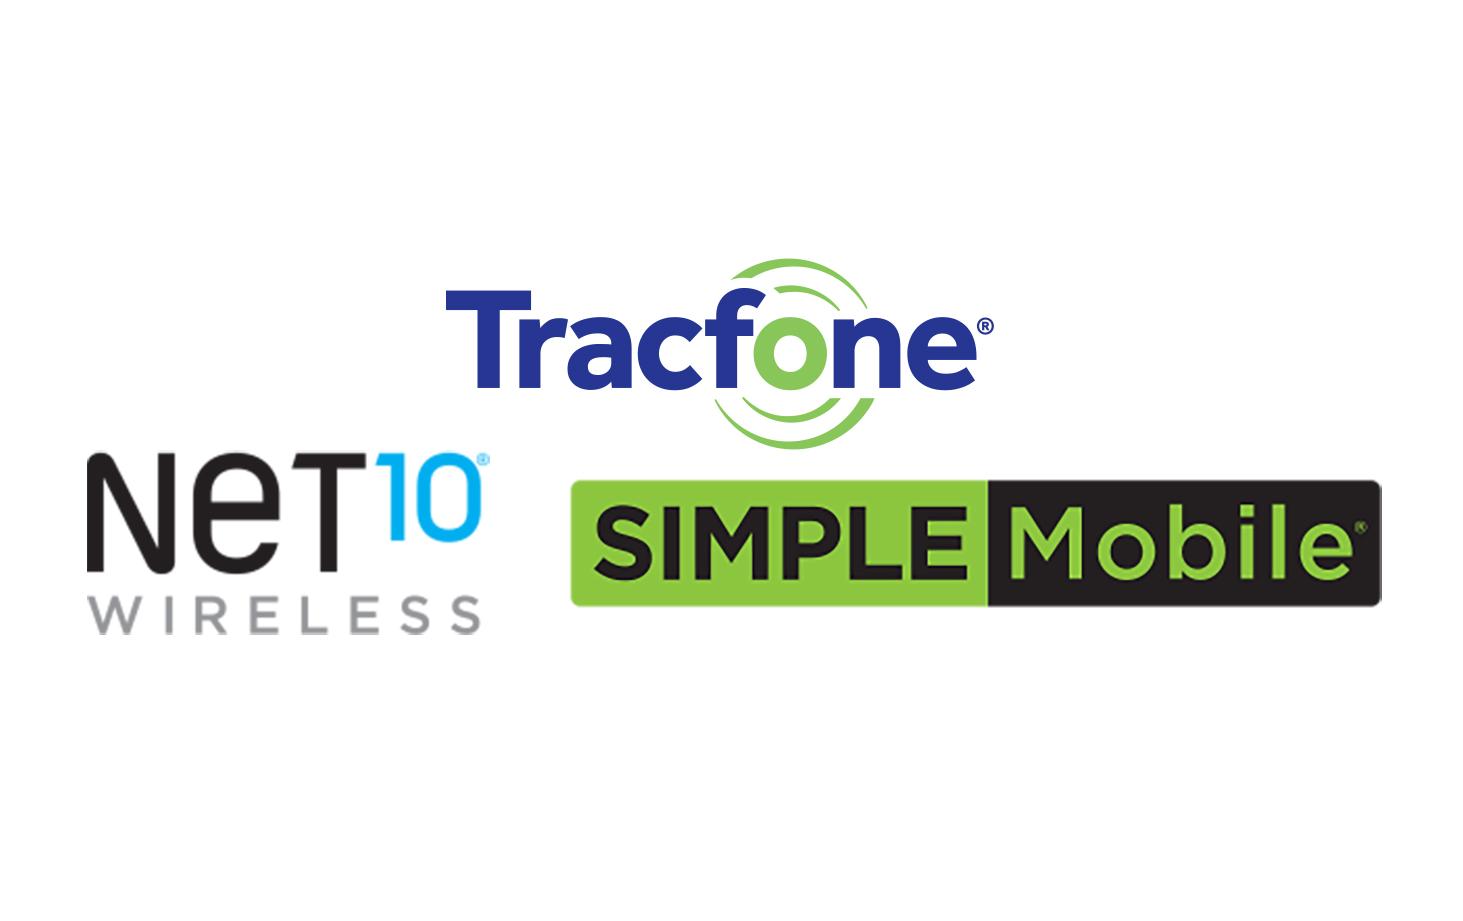 TF_Net10_SM_partner_logo-1